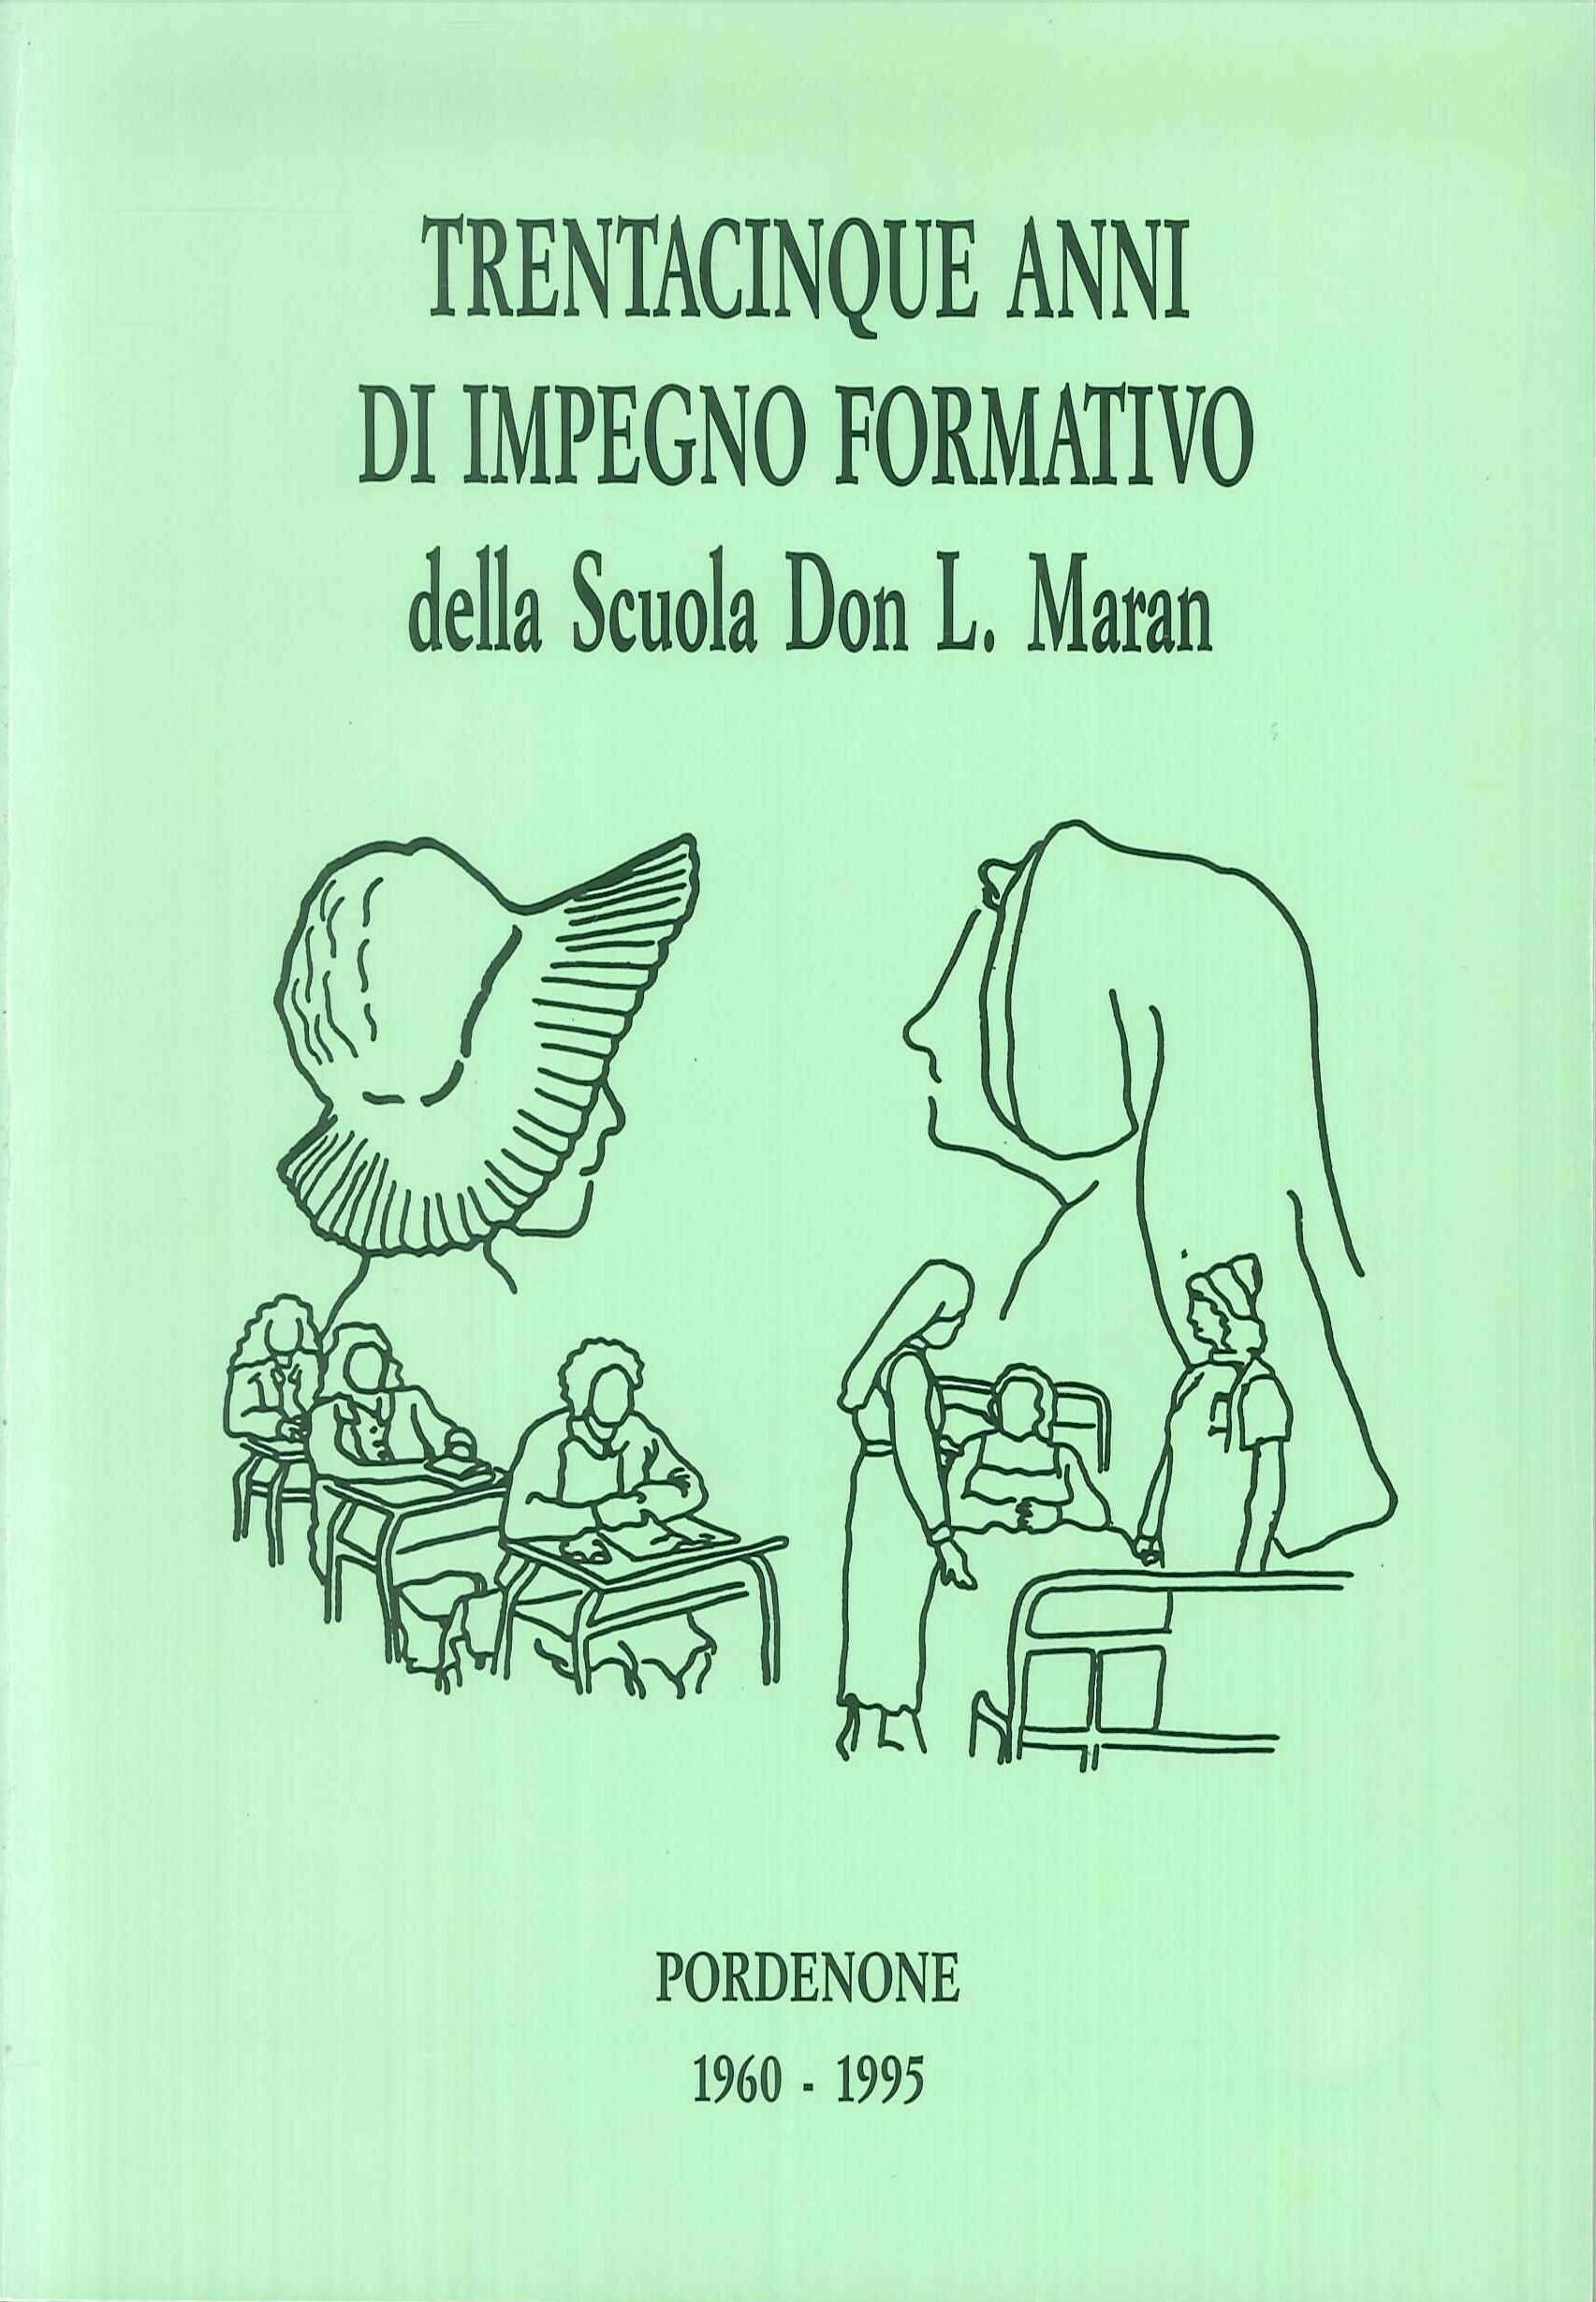 Trentacinque anni di impegno formativo della Scuola Don L.Maran